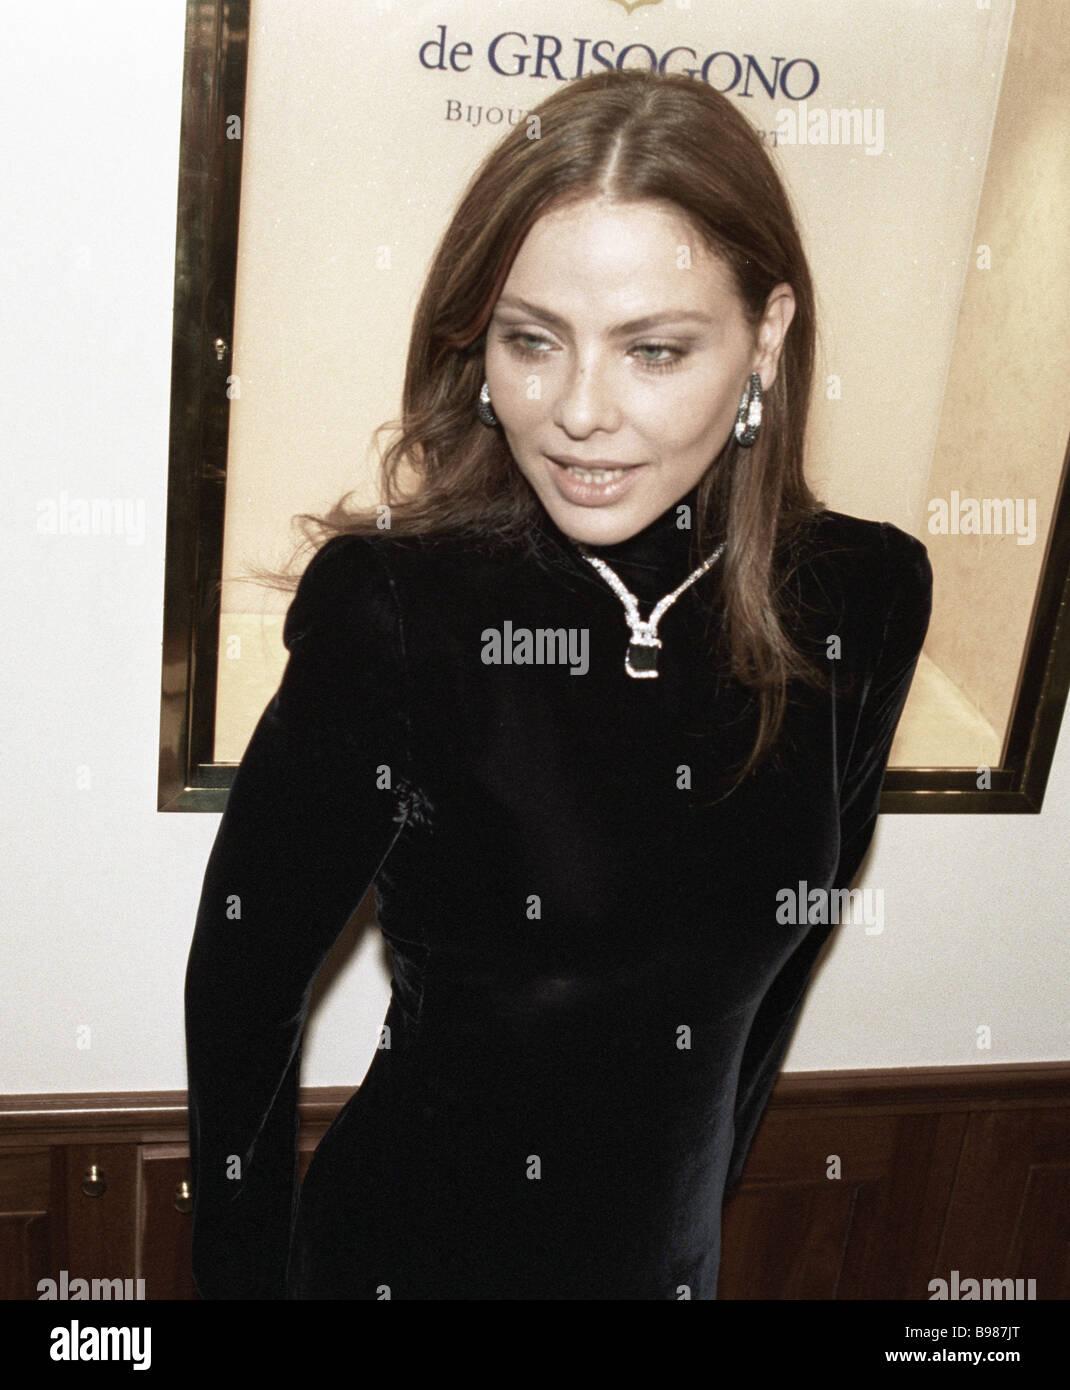 Italian movie star Ornella Muti presents famous black diamond jewelry by De Grisogono company in Russia Stock Photo